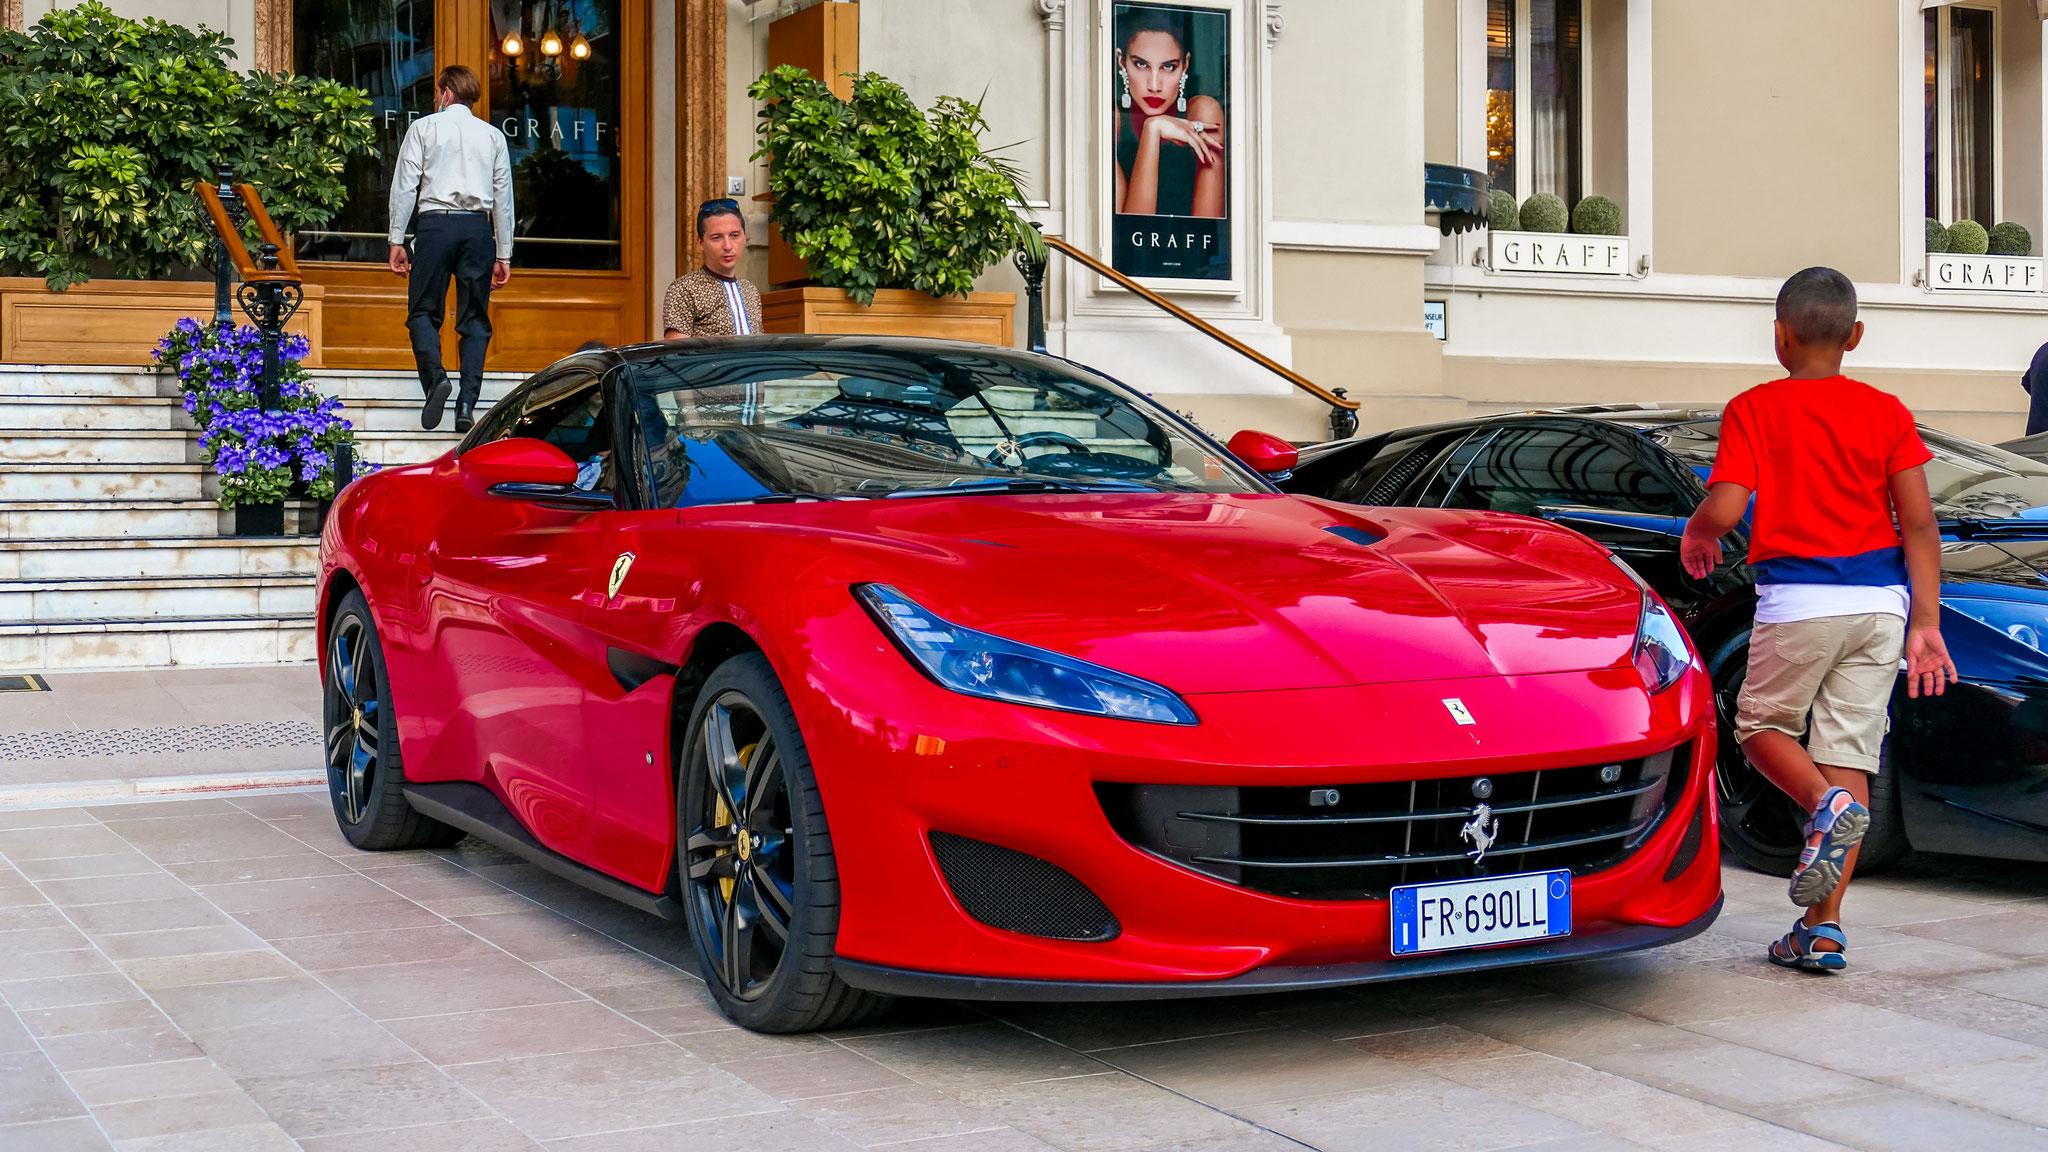 Ferrari Portofino - FR-690-LL (ITA)